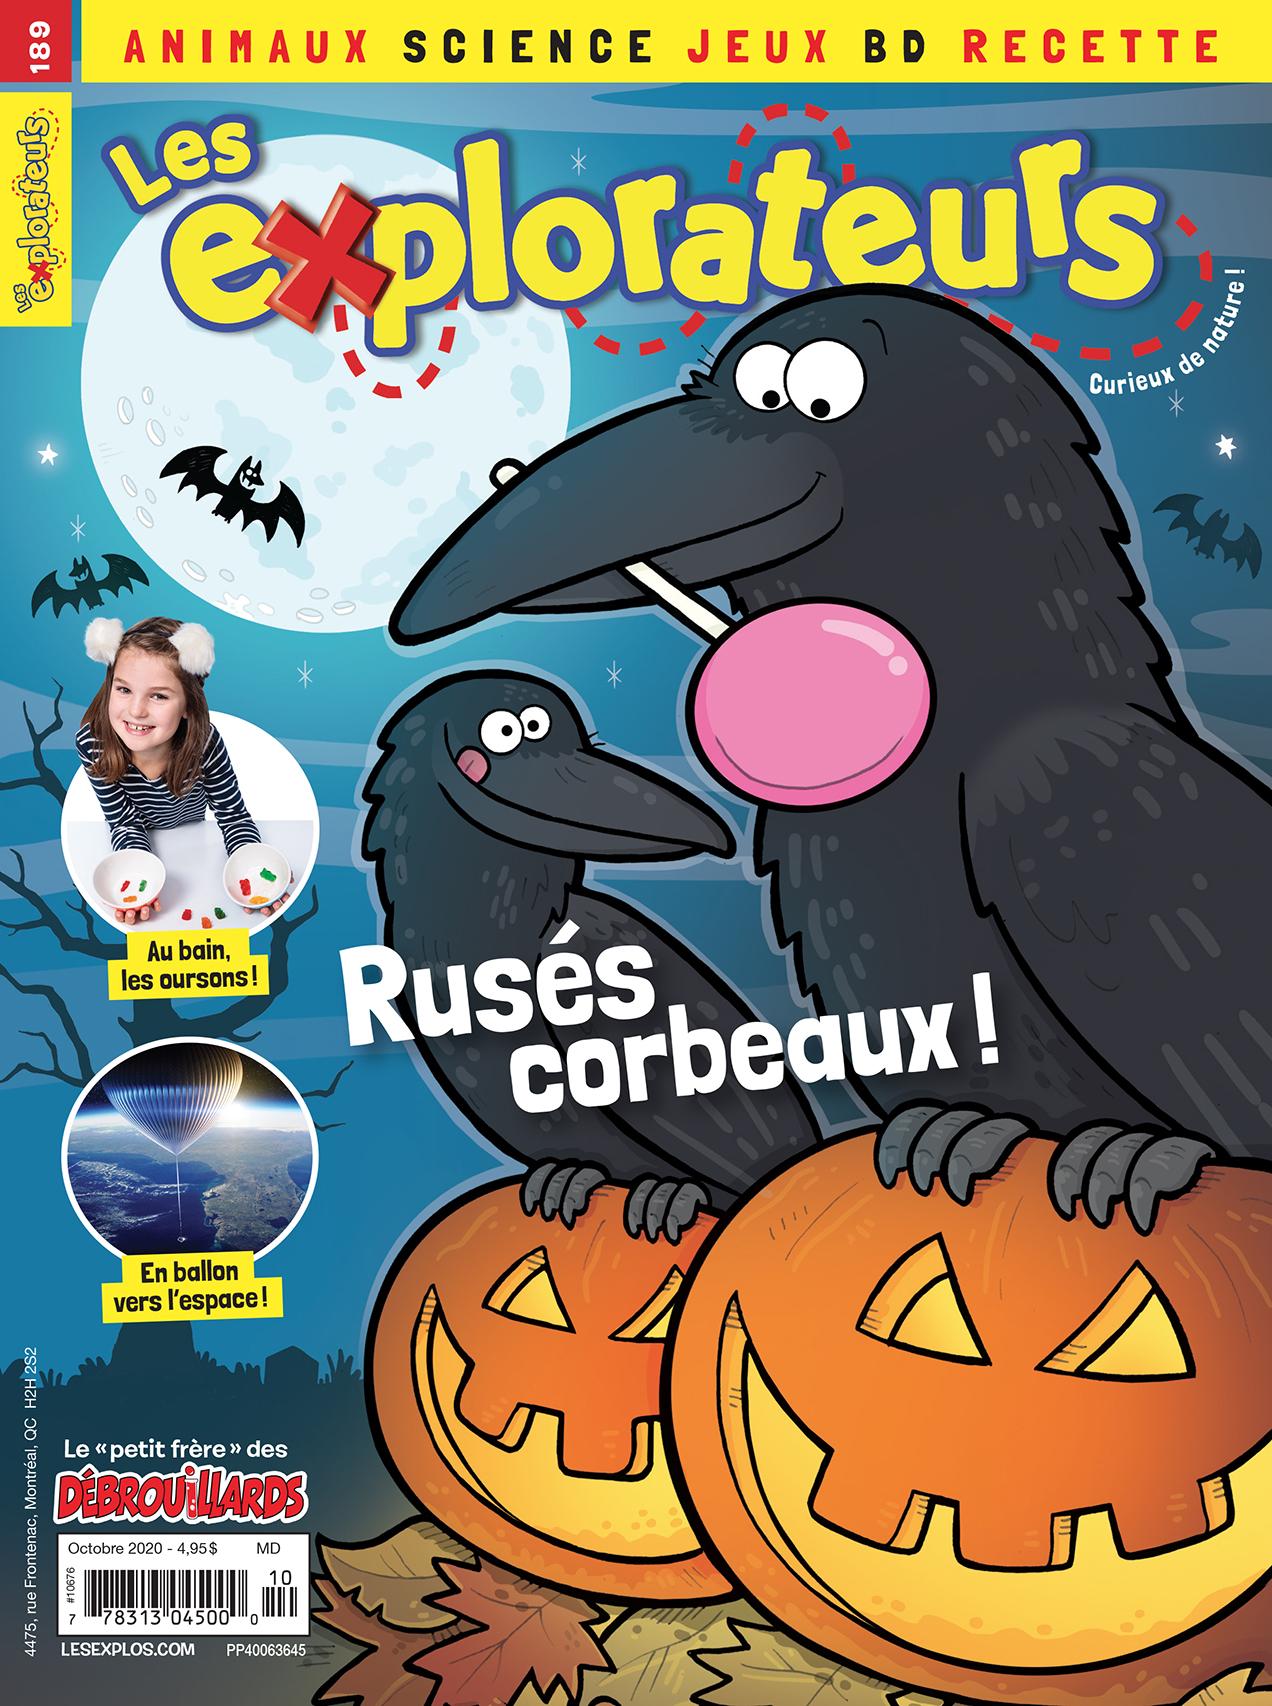 Les Explorateurs, no 189, octobre 2020